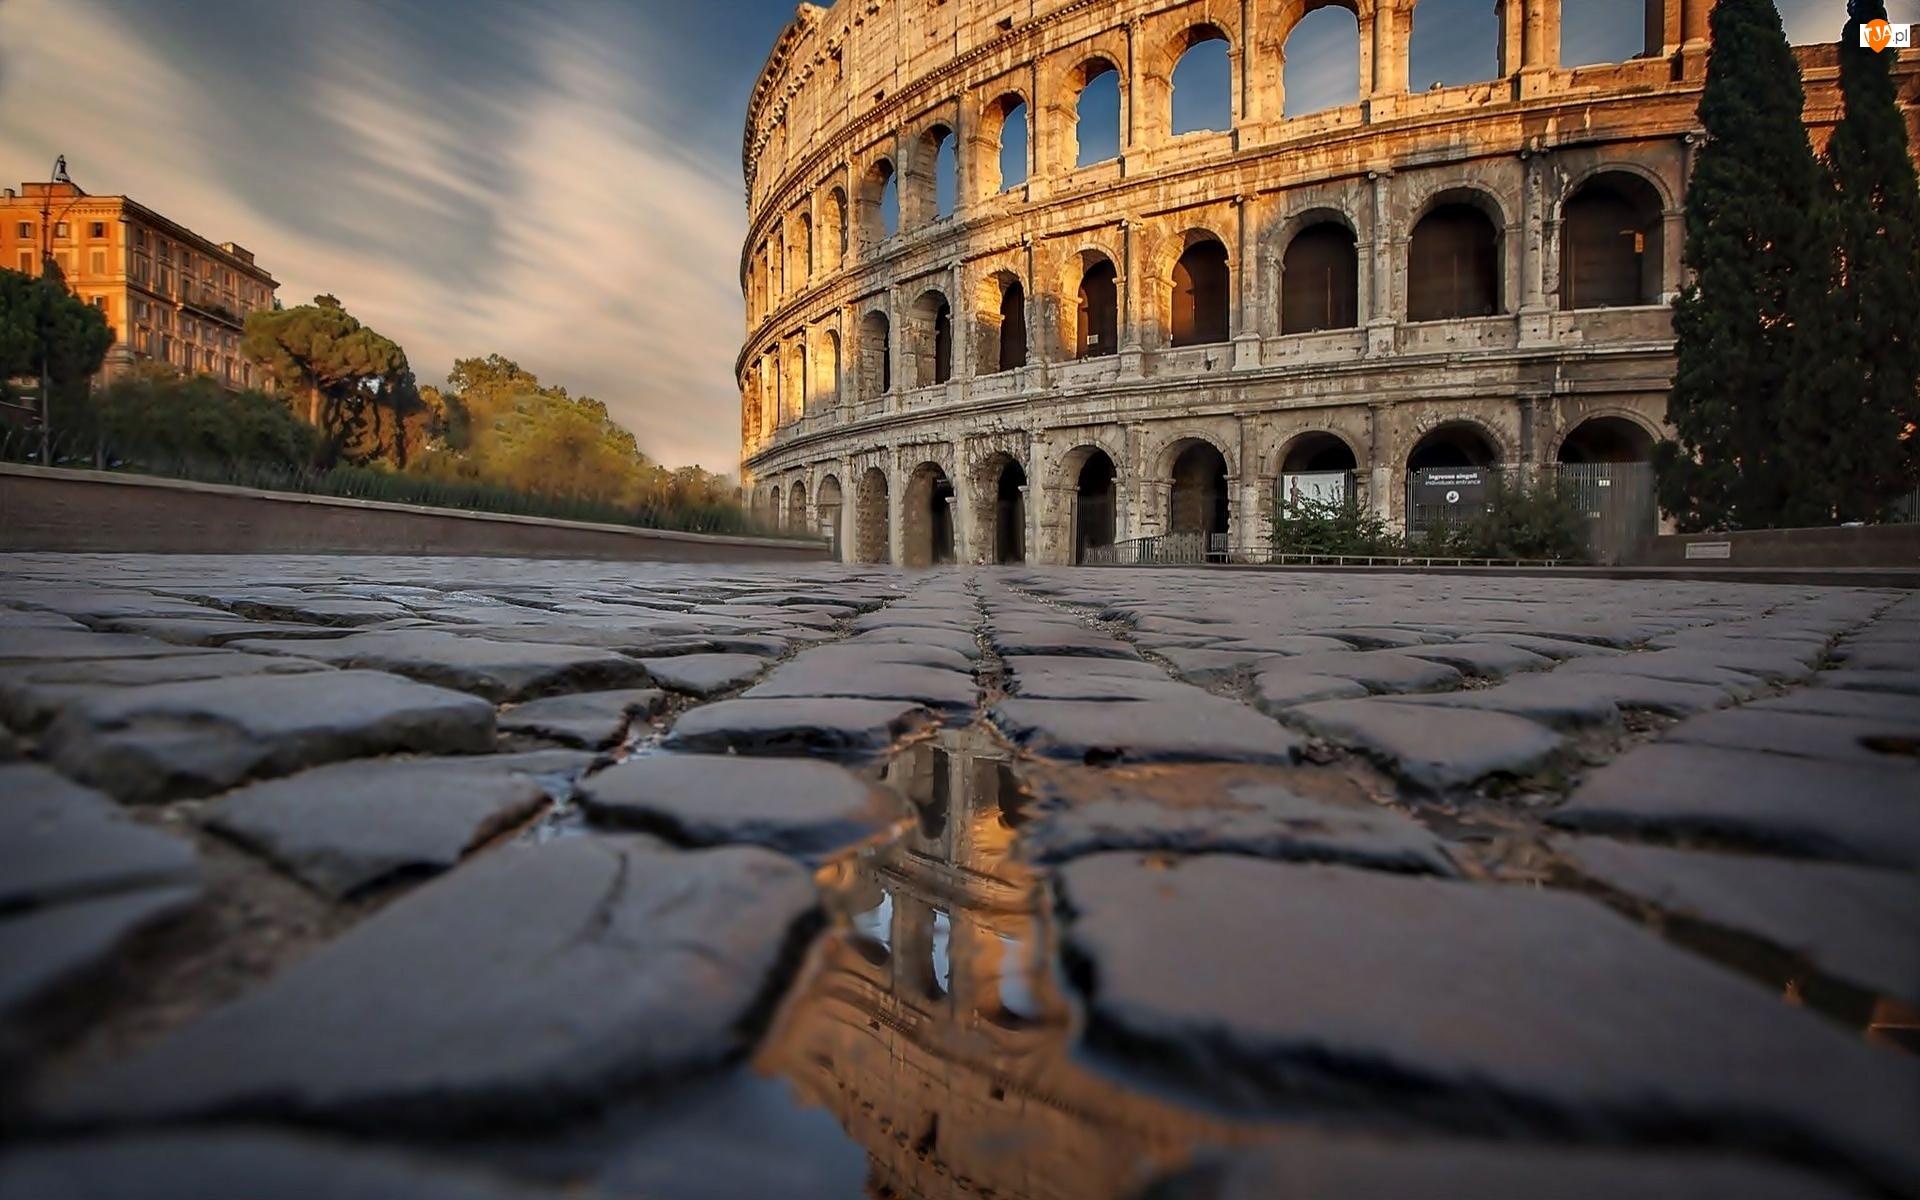 Bruk, Rzym, Koloseum